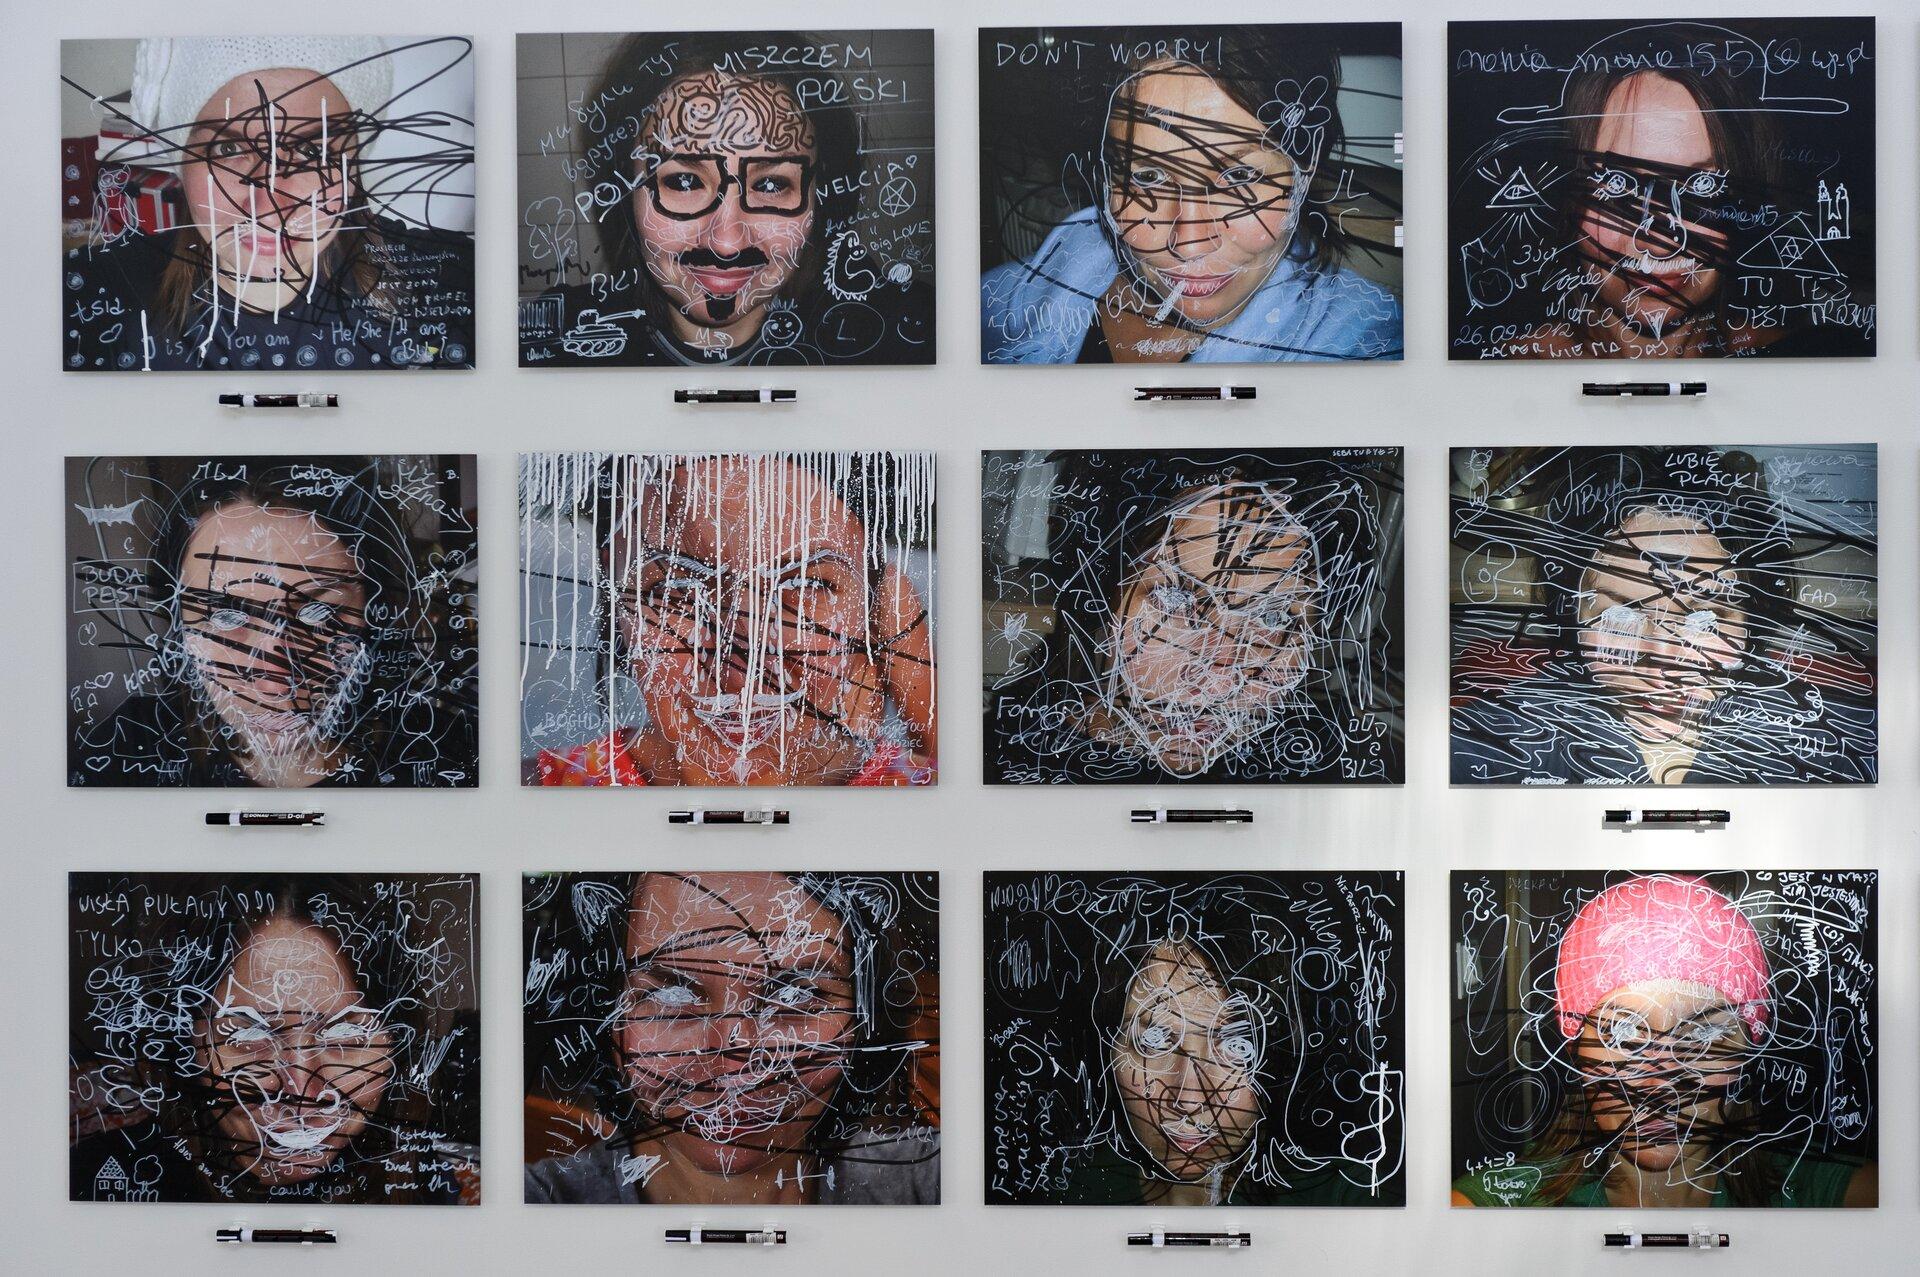 """Ilustracja przedstawiająca instalację artystyczną Elżbiety Jabłońskiej pt. """"Zamaż mnie."""